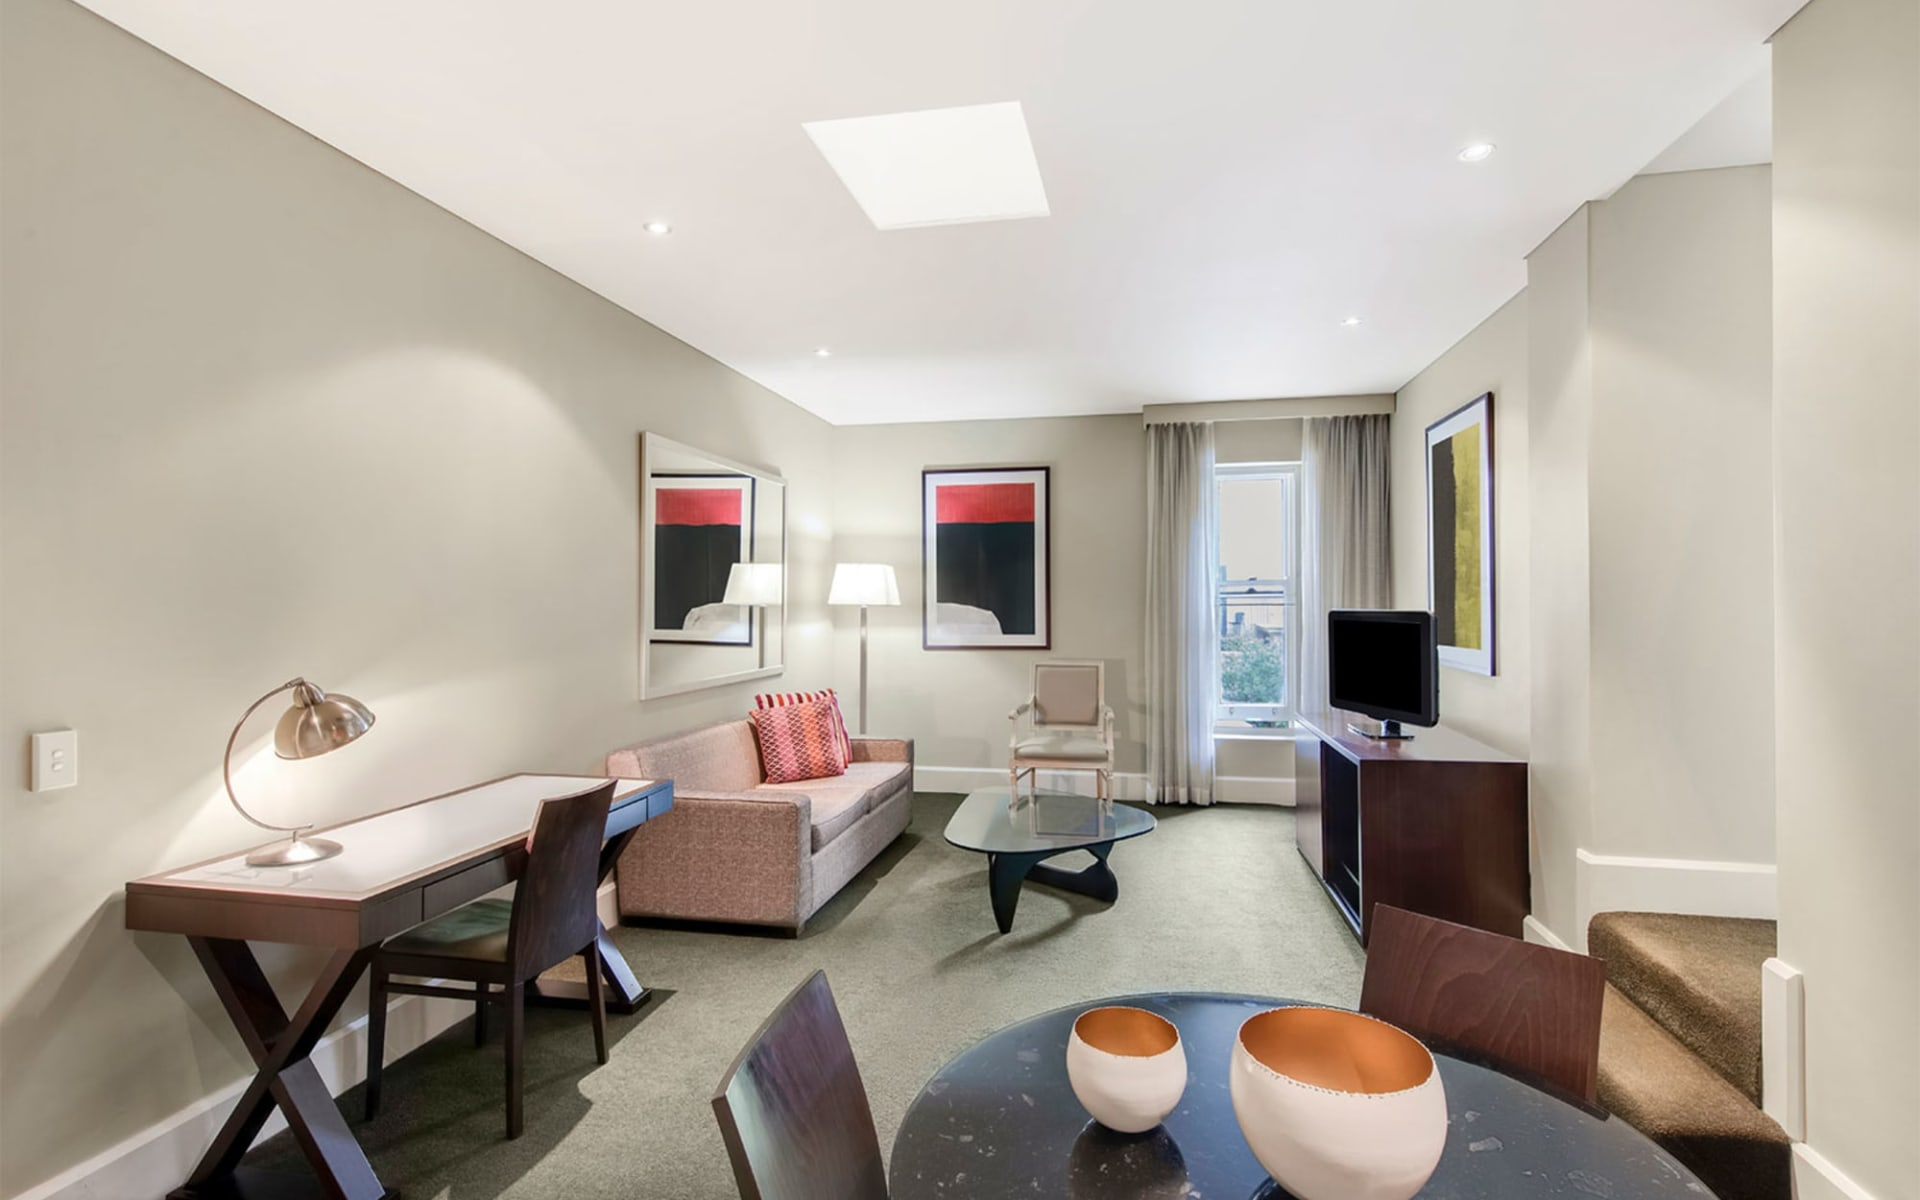 Adina Apartment Hotel Adelaide Treasury: Adina-apartment-hotel-adelaide-one-bedroom-lounge-room-03-2018